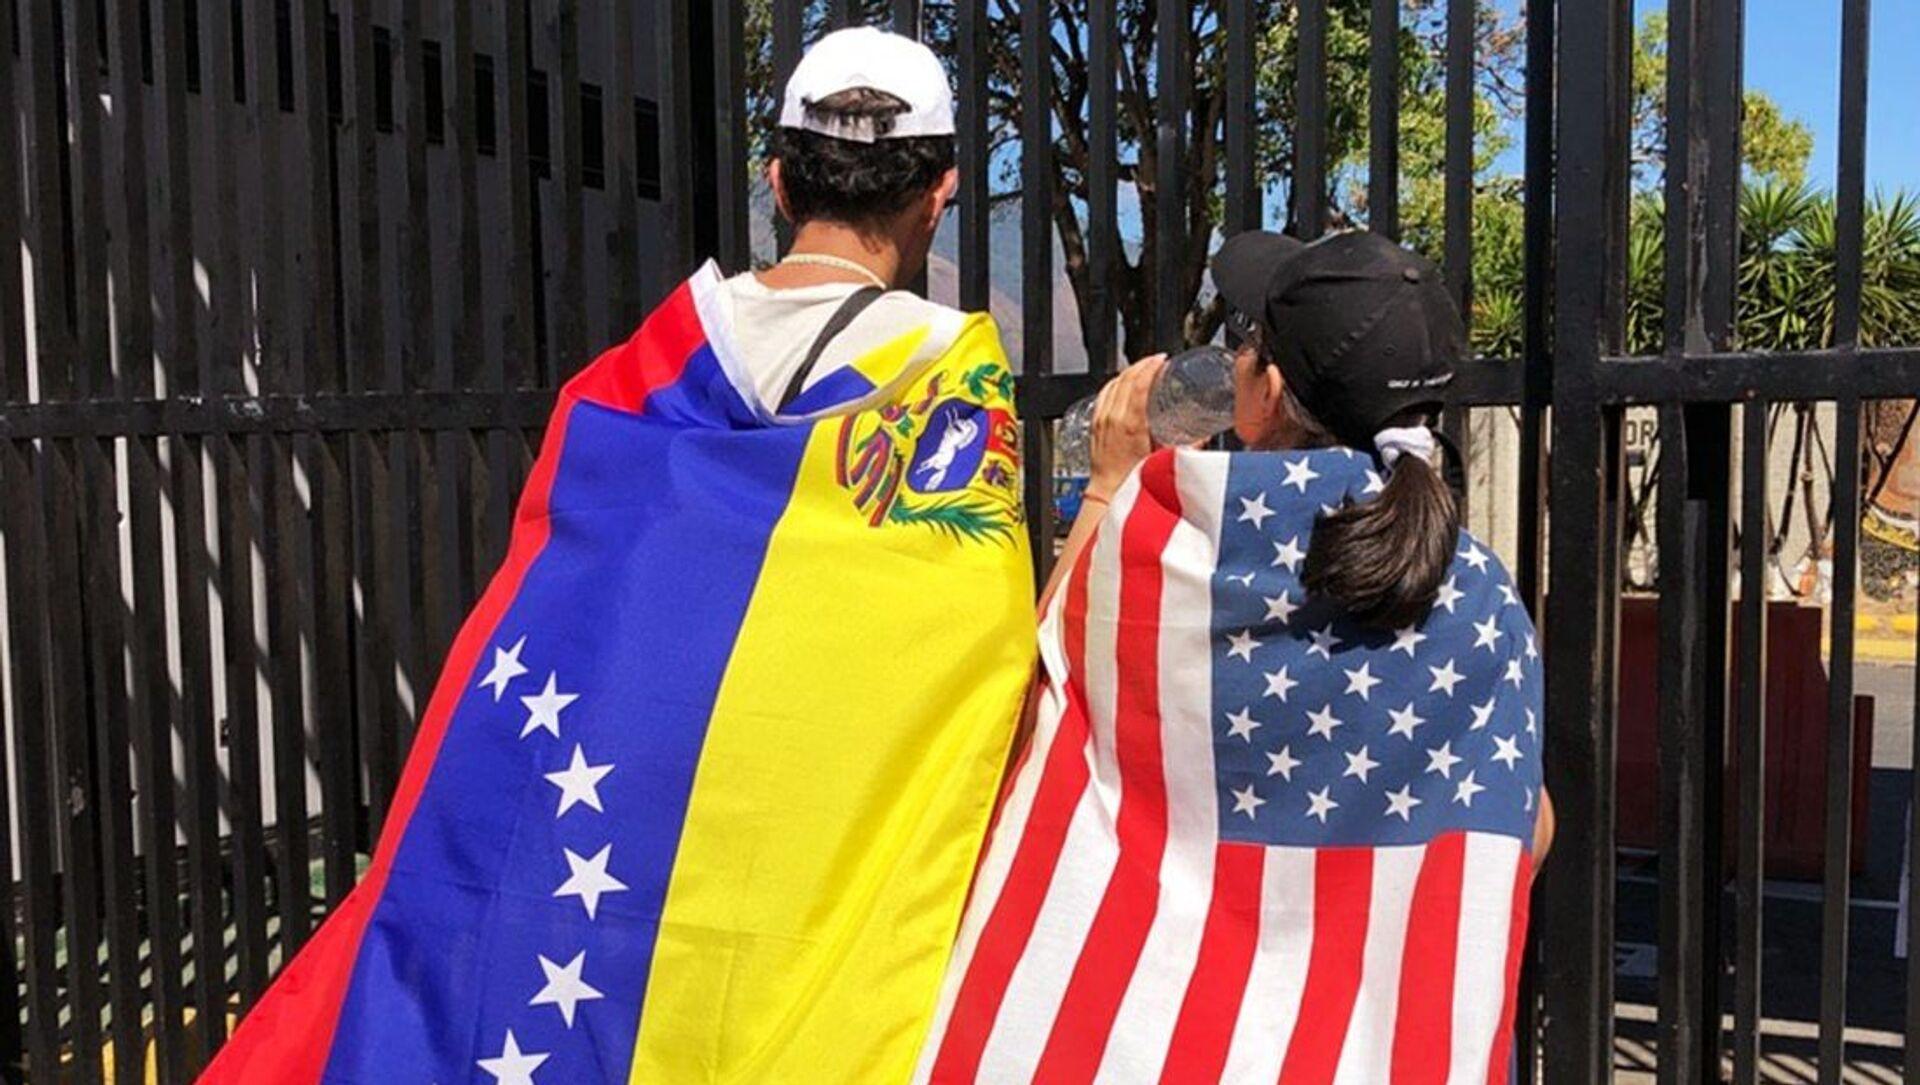 Những người tham gia cuộc biểu tình ở Caracas ủng hộ thủ lĩnh phe đối lập Juan Guaido, tự xưng là tổng thống lâm thời Venezuela  - Sputnik Việt Nam, 1920, 04.03.2021